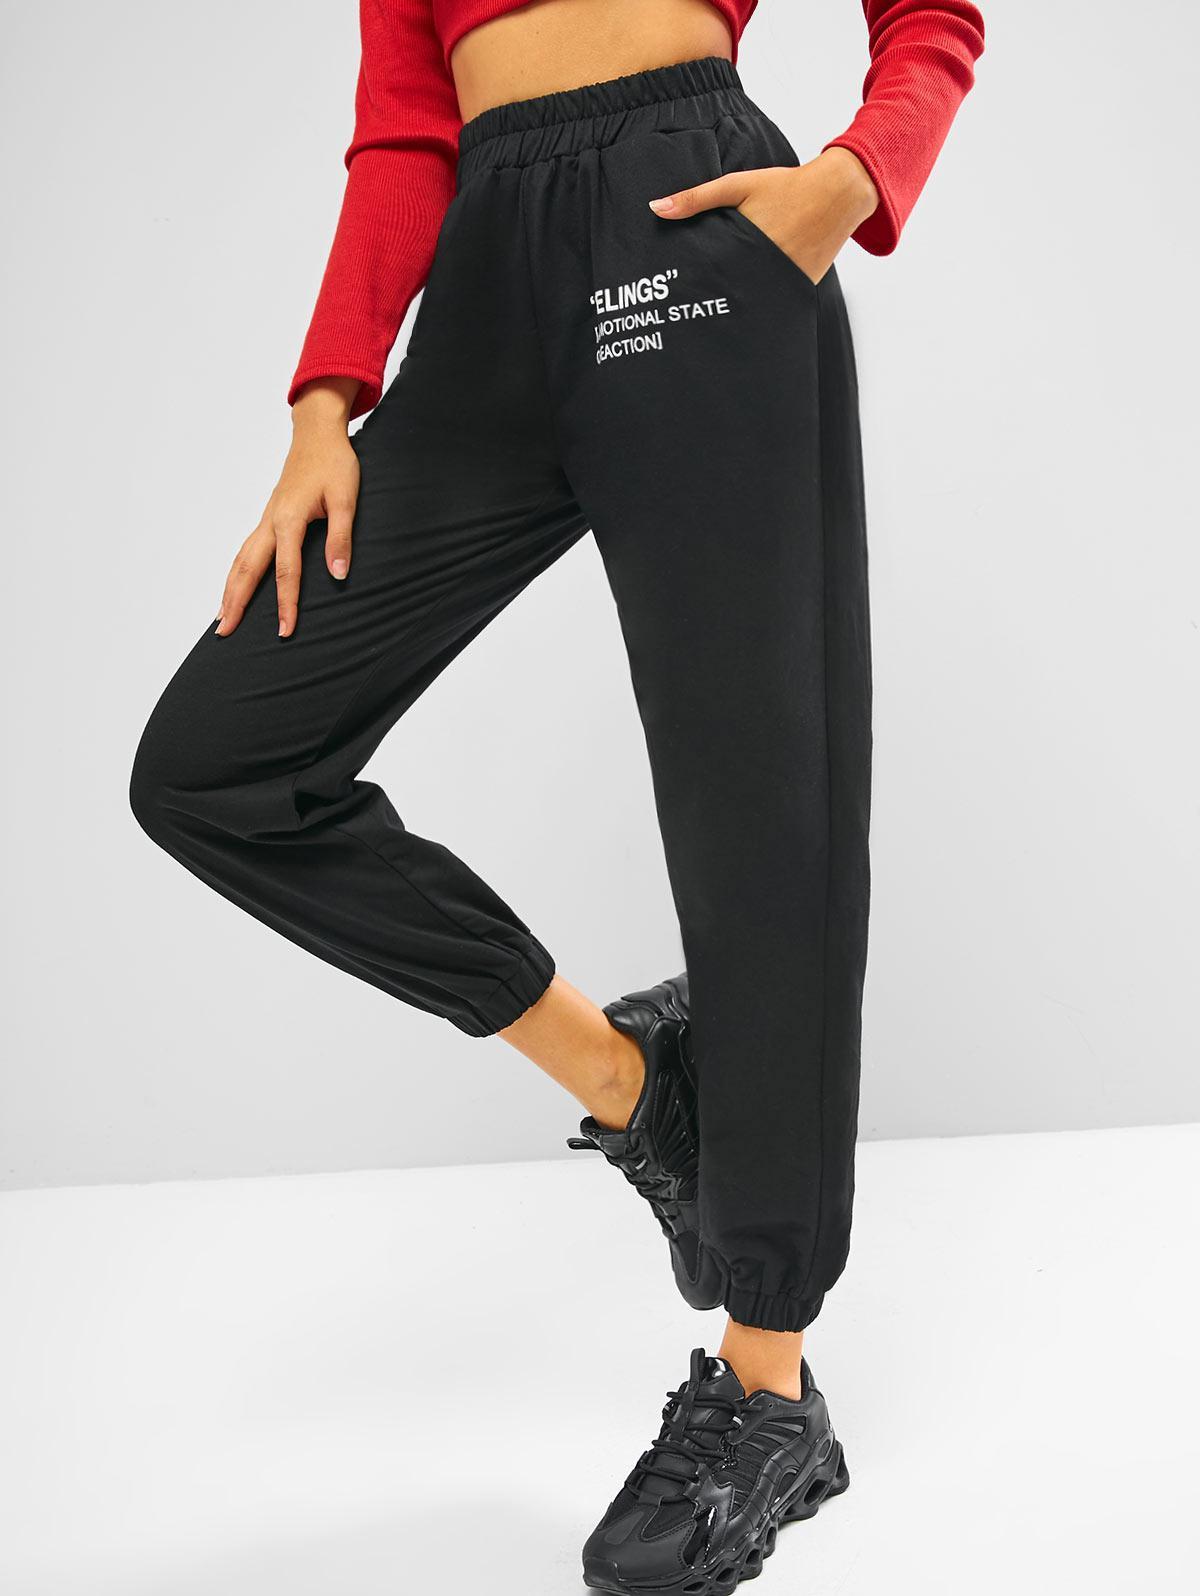 Pantalon de Jogging Ficelle de Réjouissement Graphique - ZAFUL - Modalova